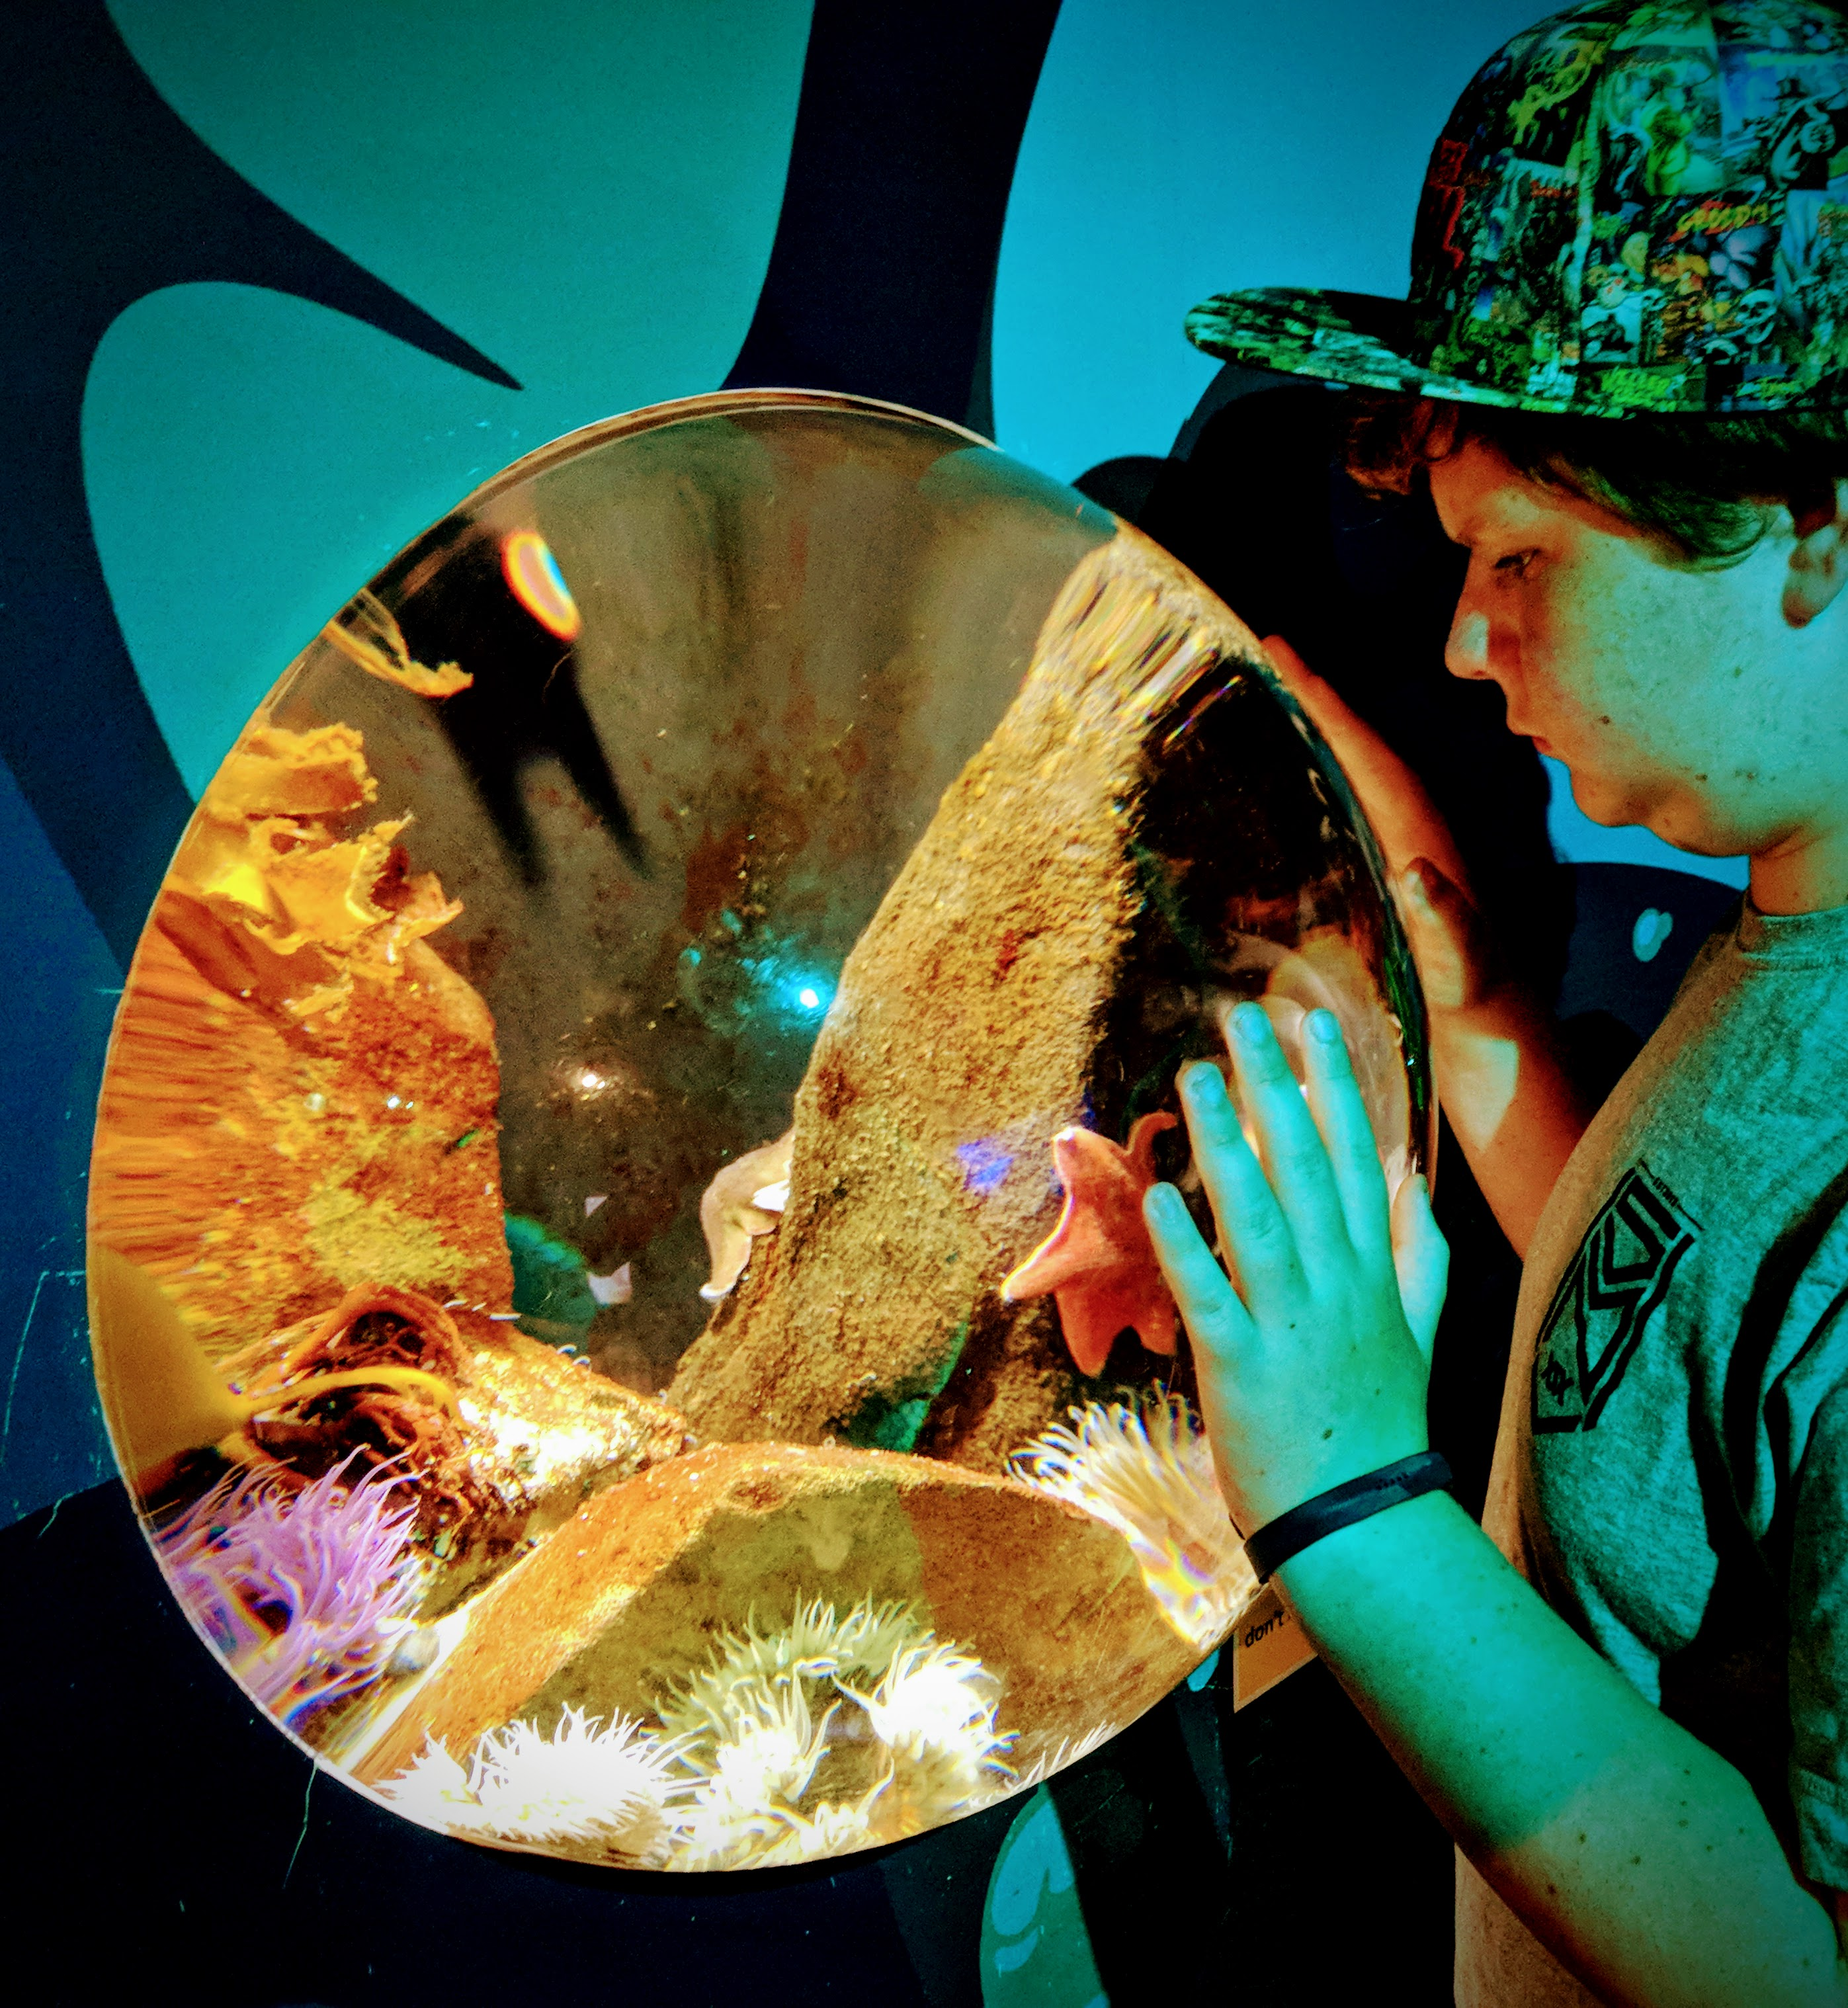 Convex aquarium window at Kelly Tarltons (Auckland, AoNZ)